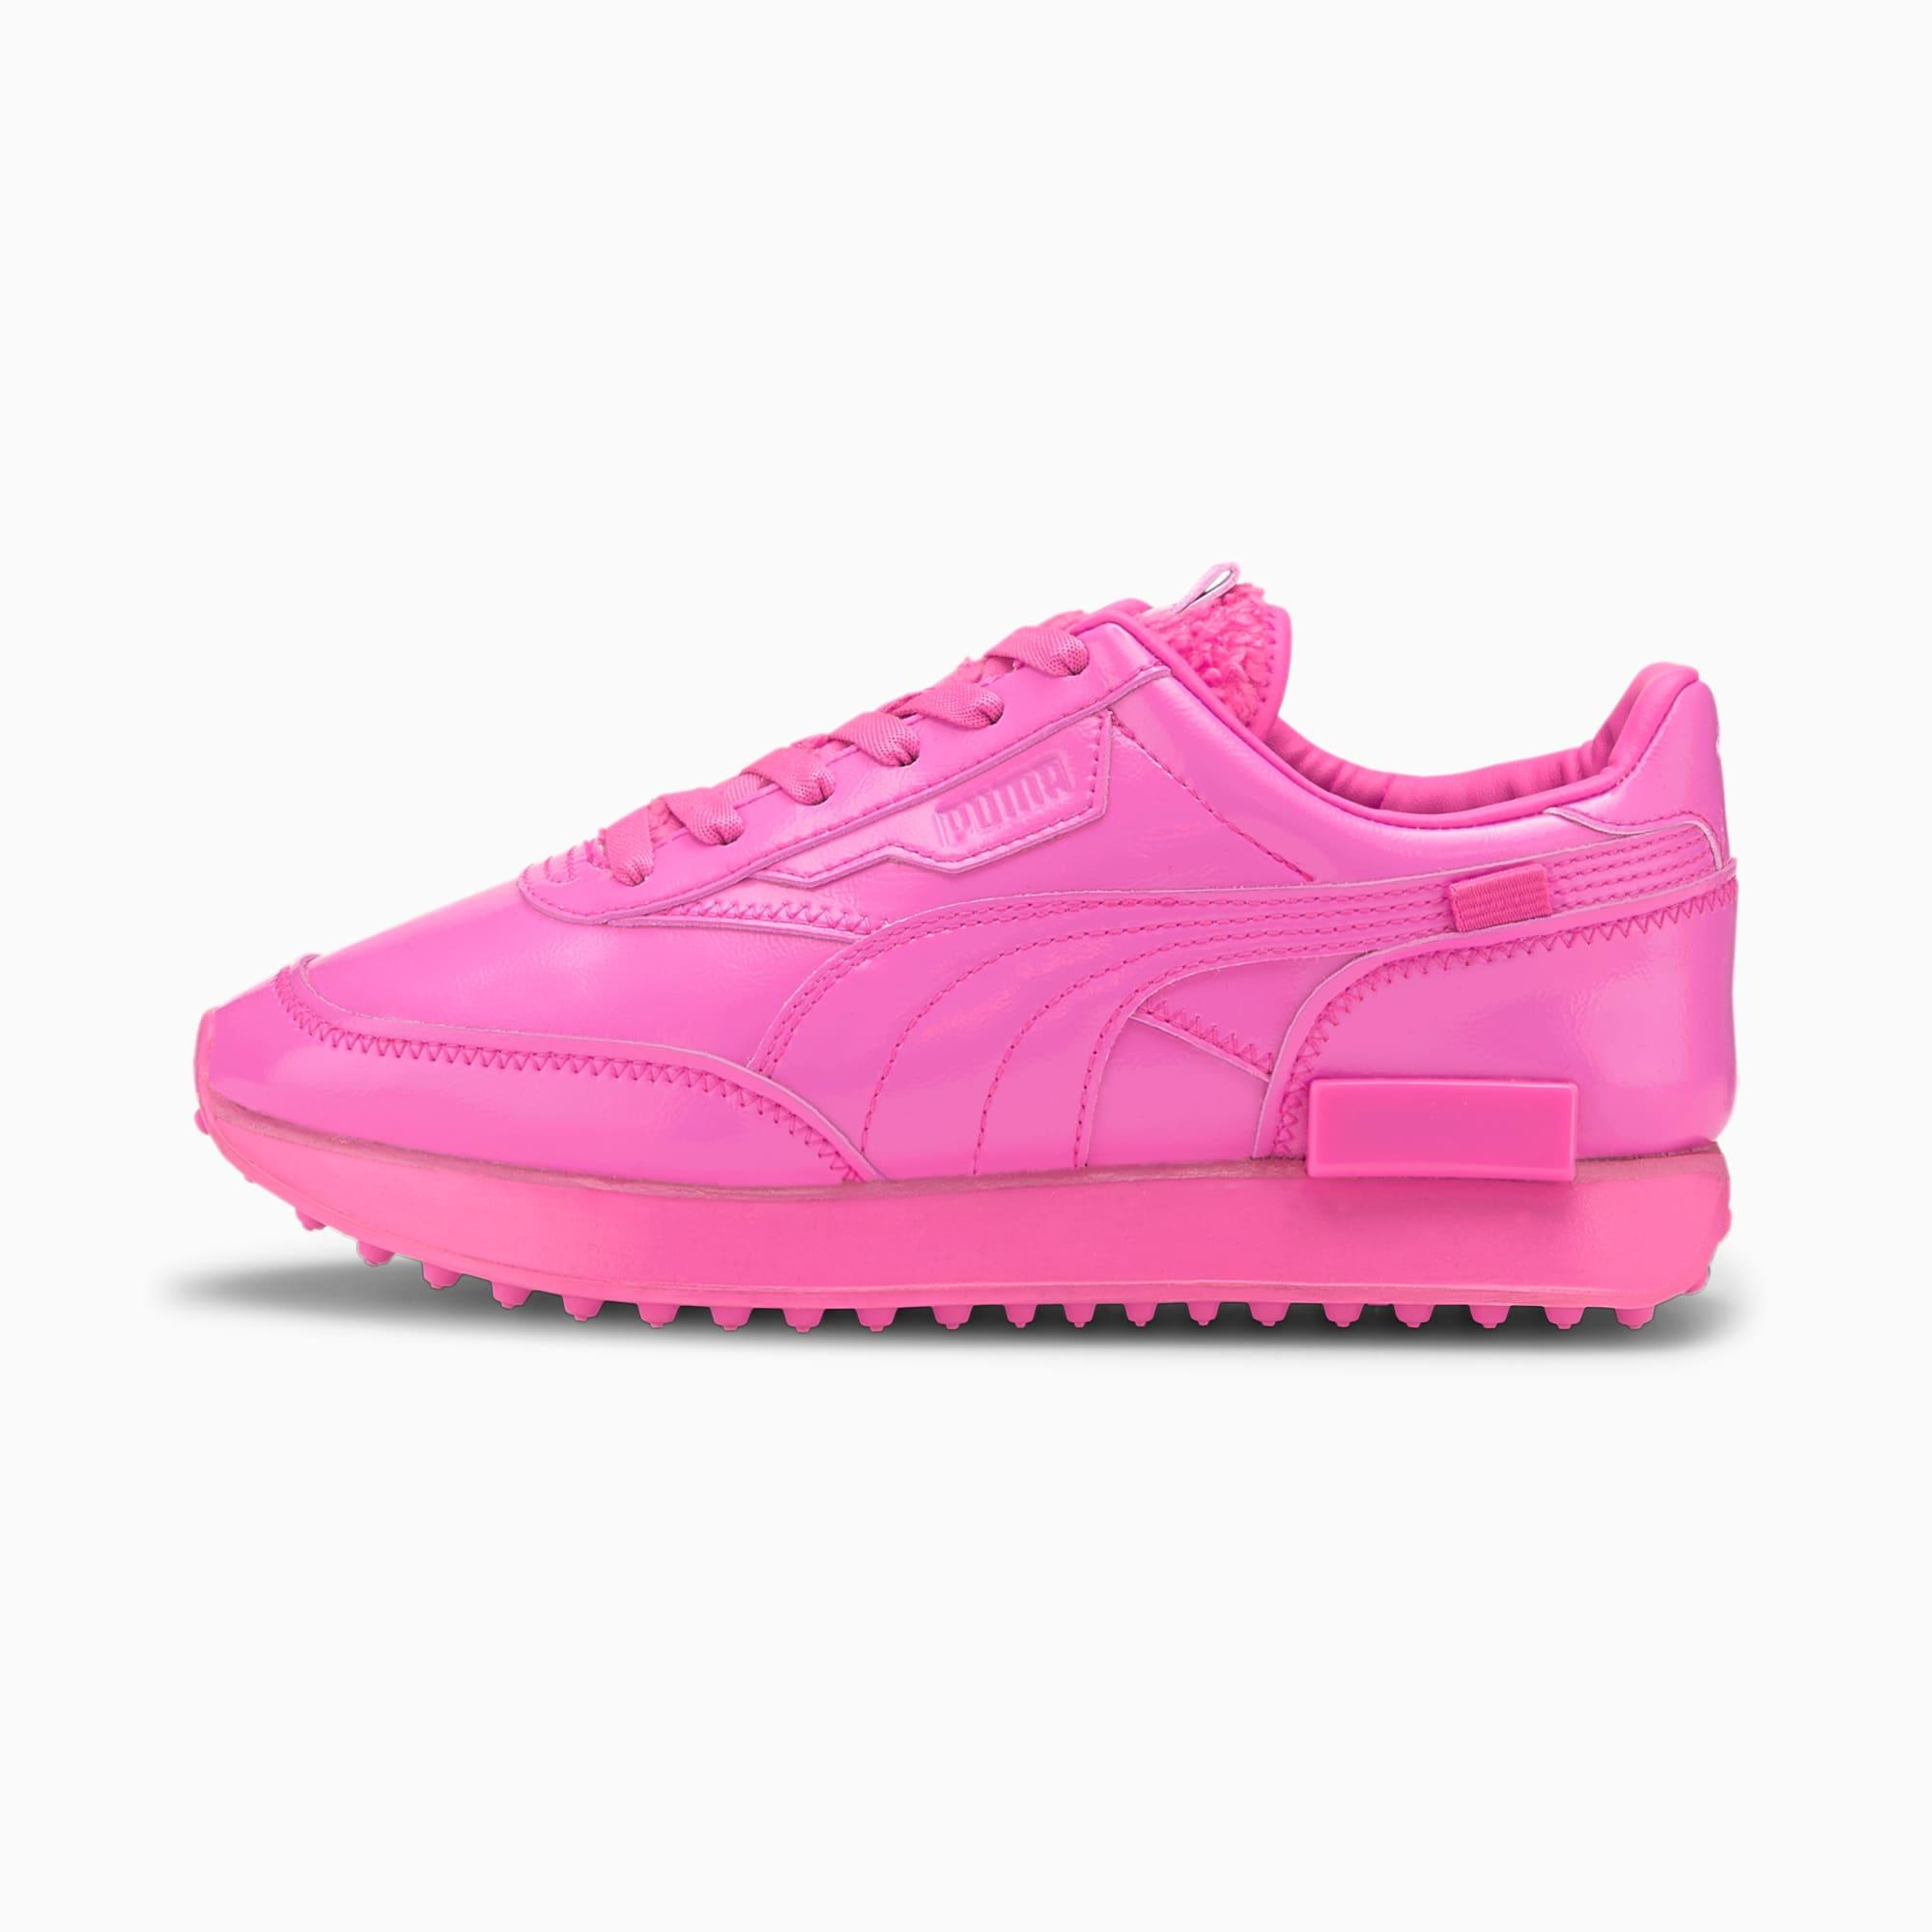 puma -  Future Rider PP Damen Sneaker Schuhe | Rosa | Größe: 40